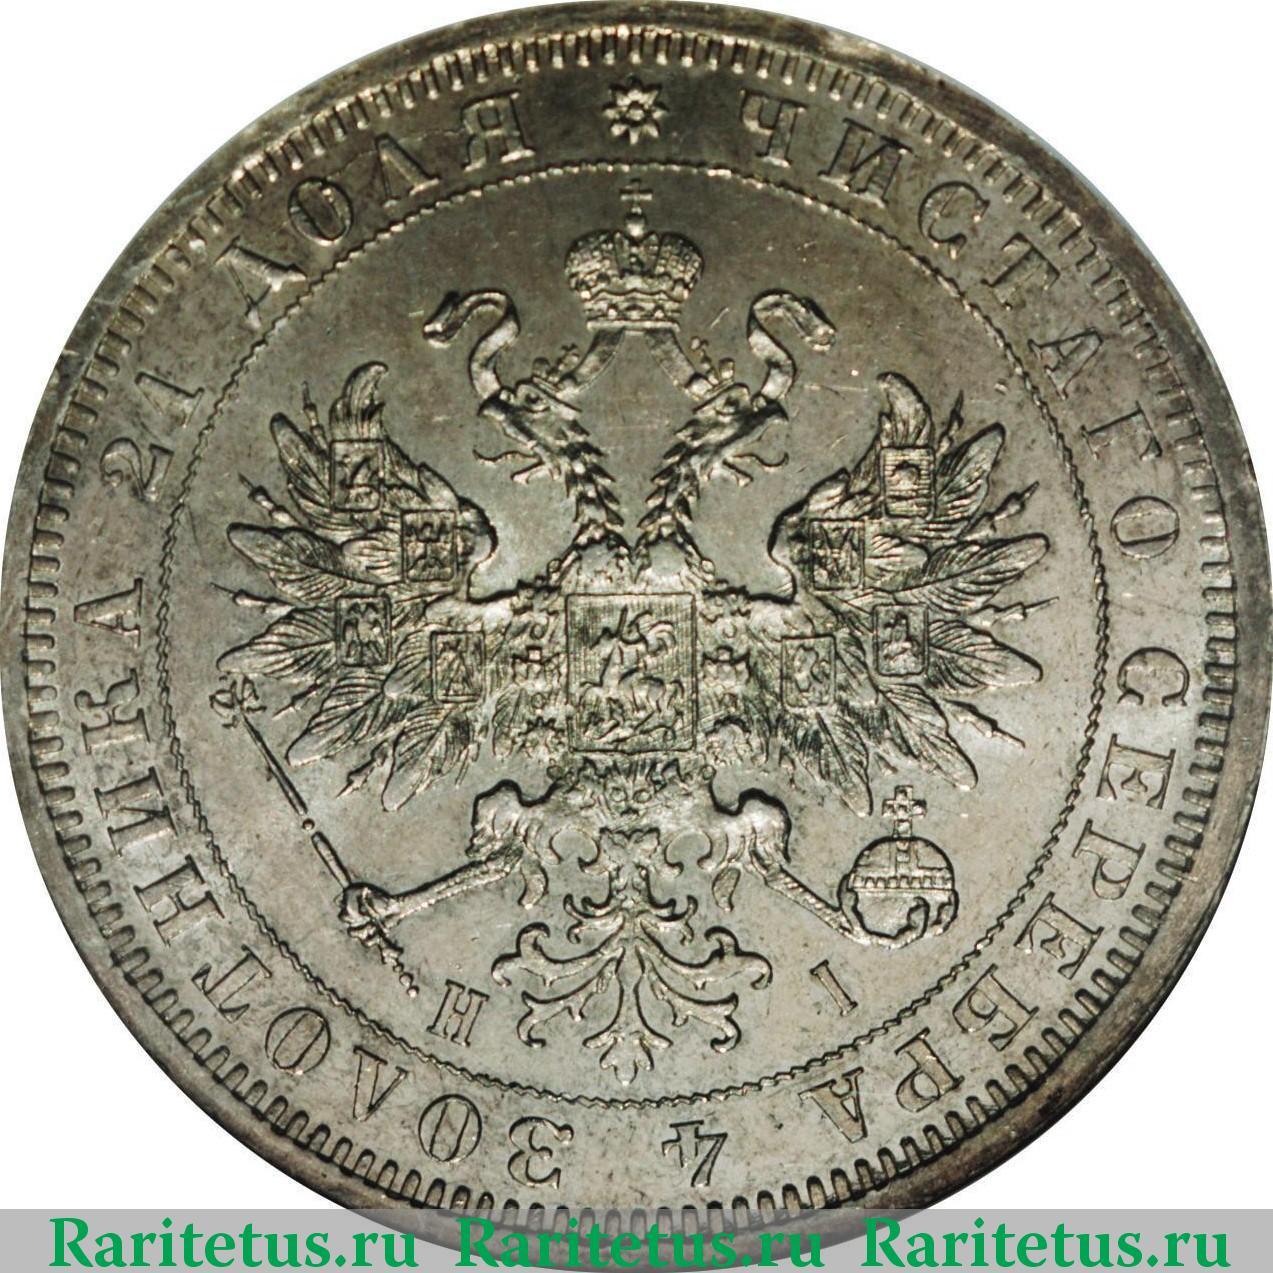 Как реставрировать царскую серебряную монету сколько монет помещается в трехлитровую банку